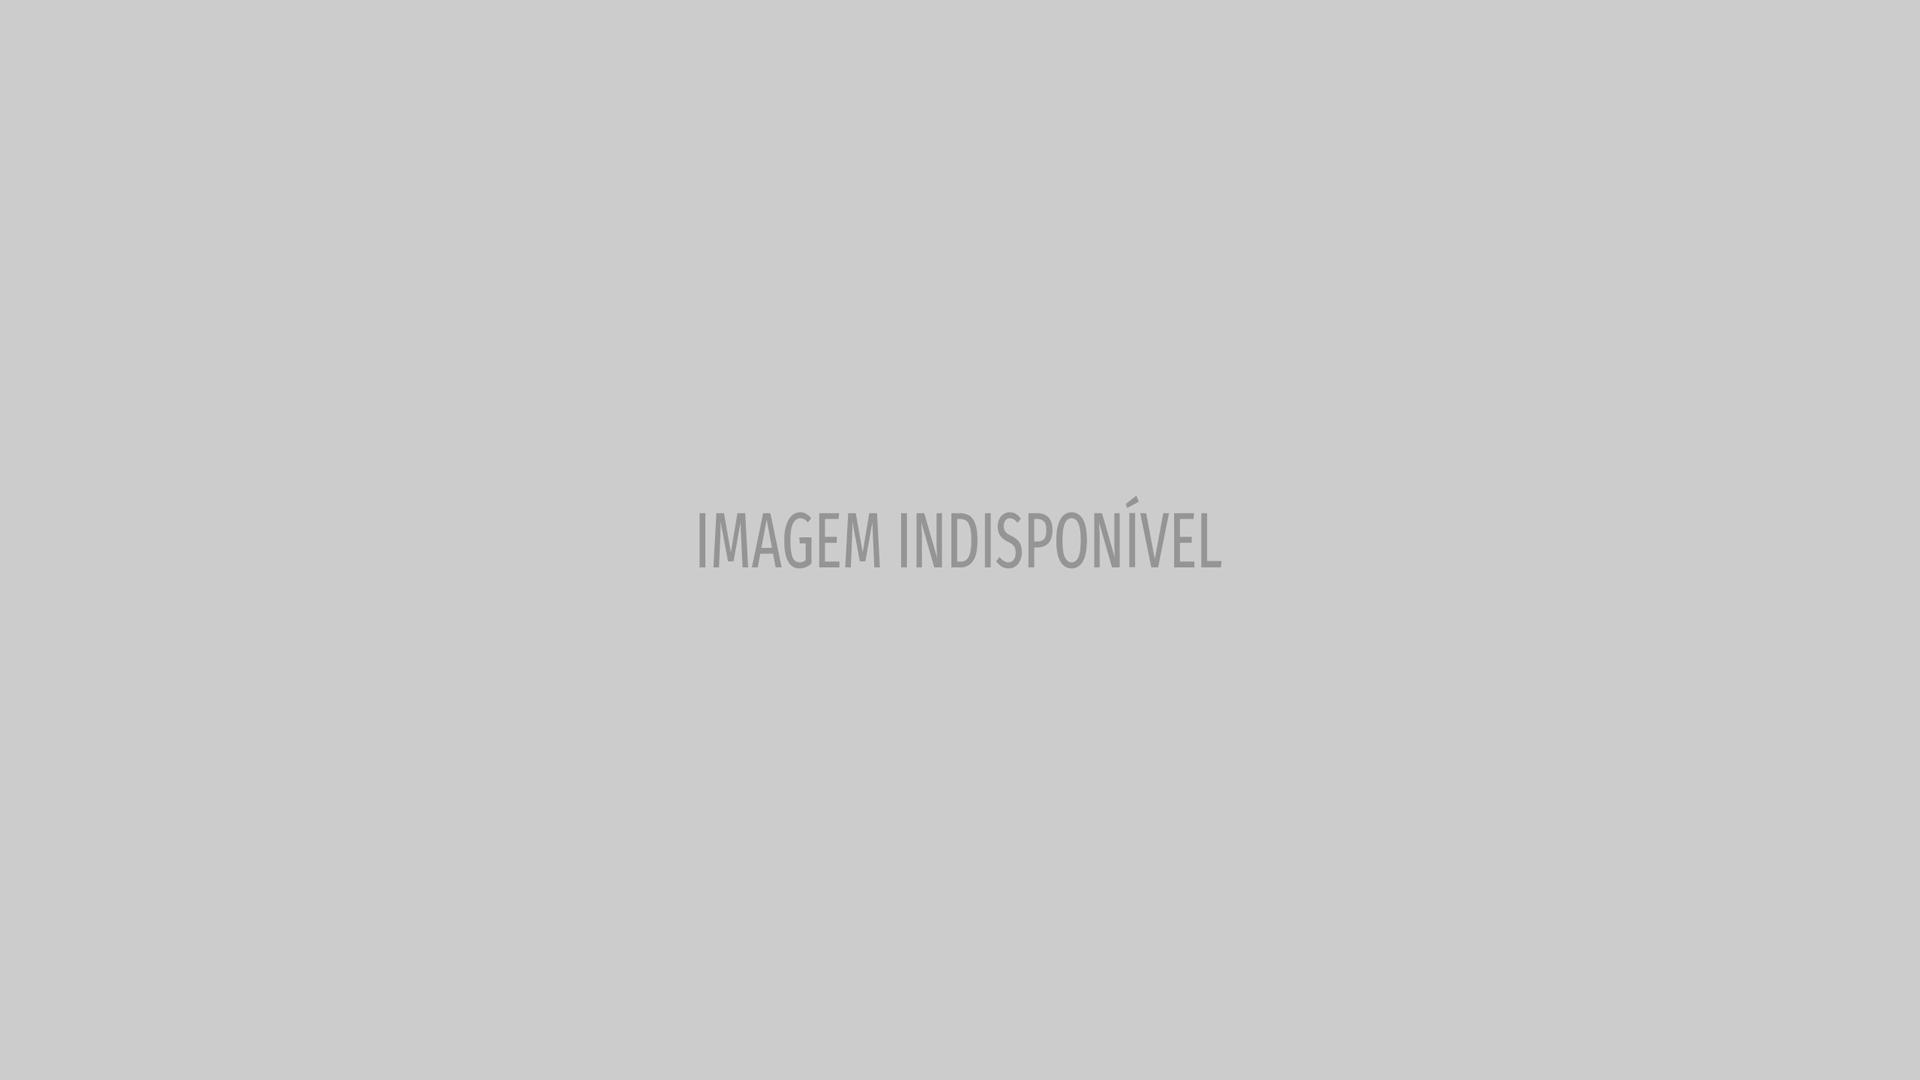 Andreia Dinis partilha foto rara do companheiro e faz declaração de amor